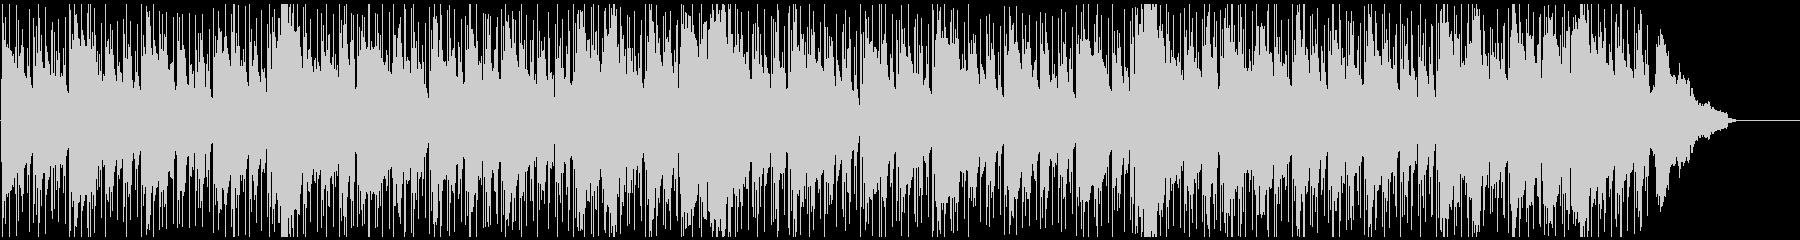 チルアウト系BGM(シンプル)の未再生の波形